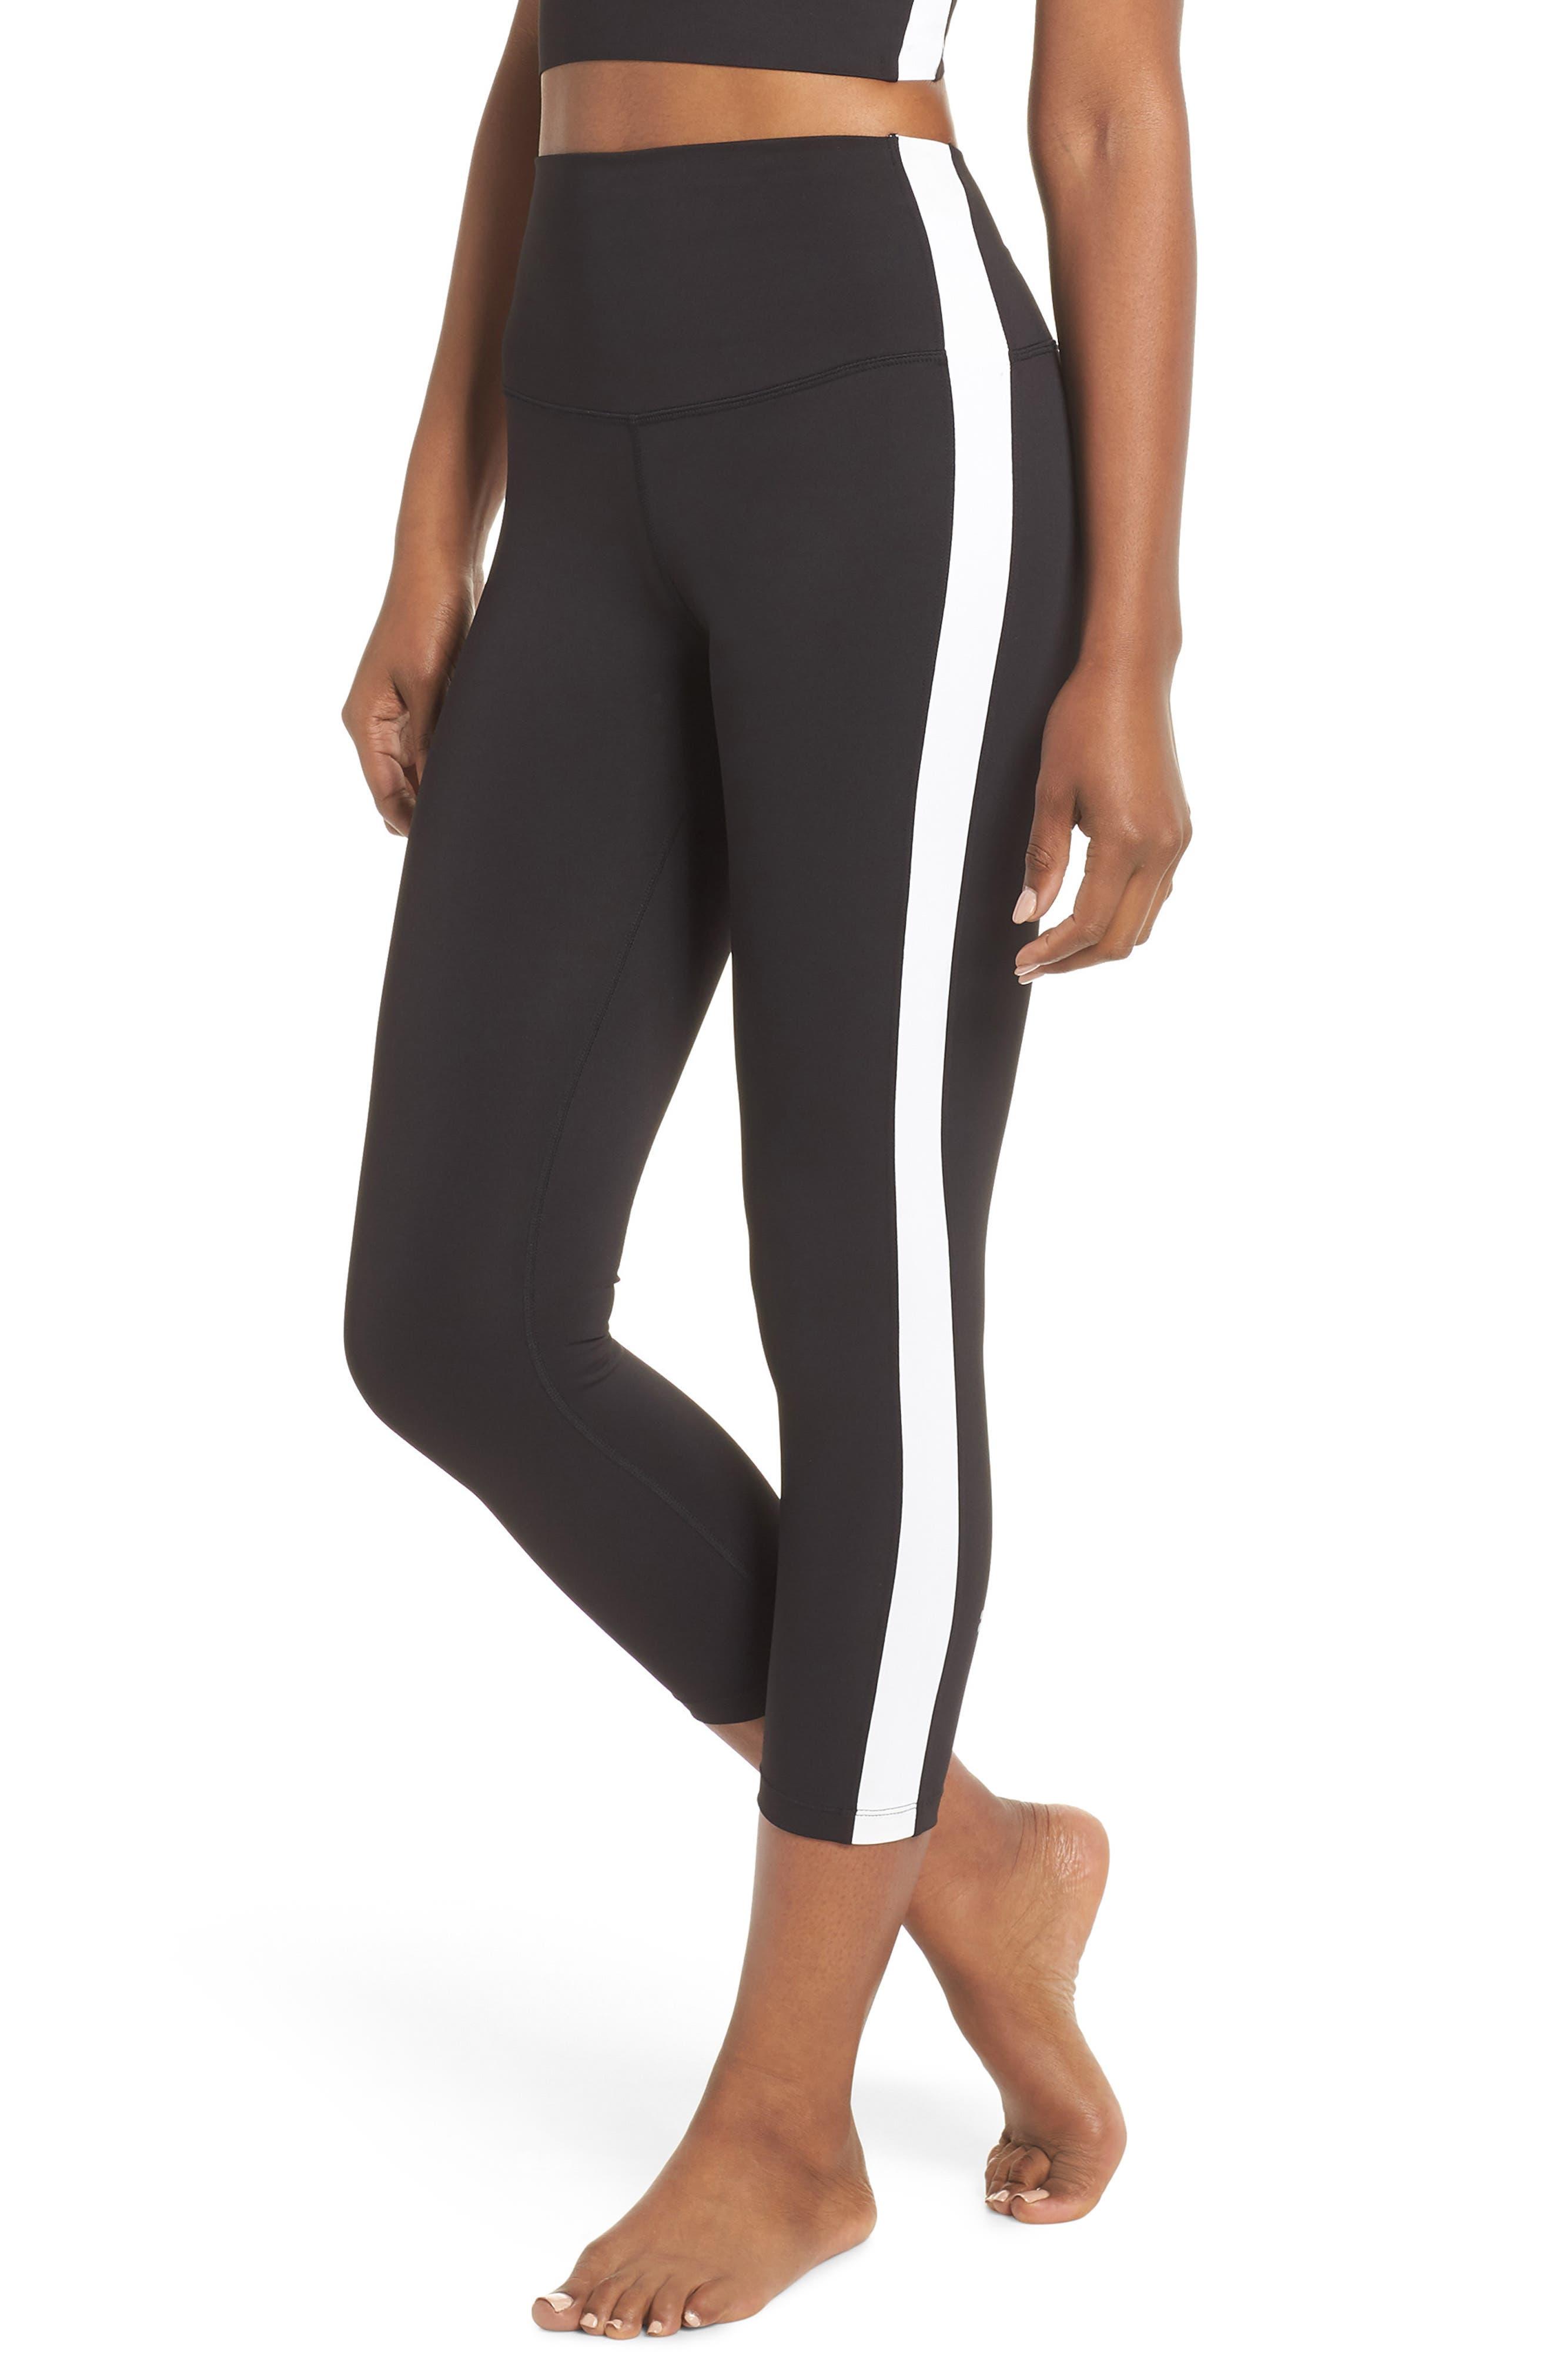 Rose High Waist Capri Leggings,                         Main,                         color, Black/ Off White